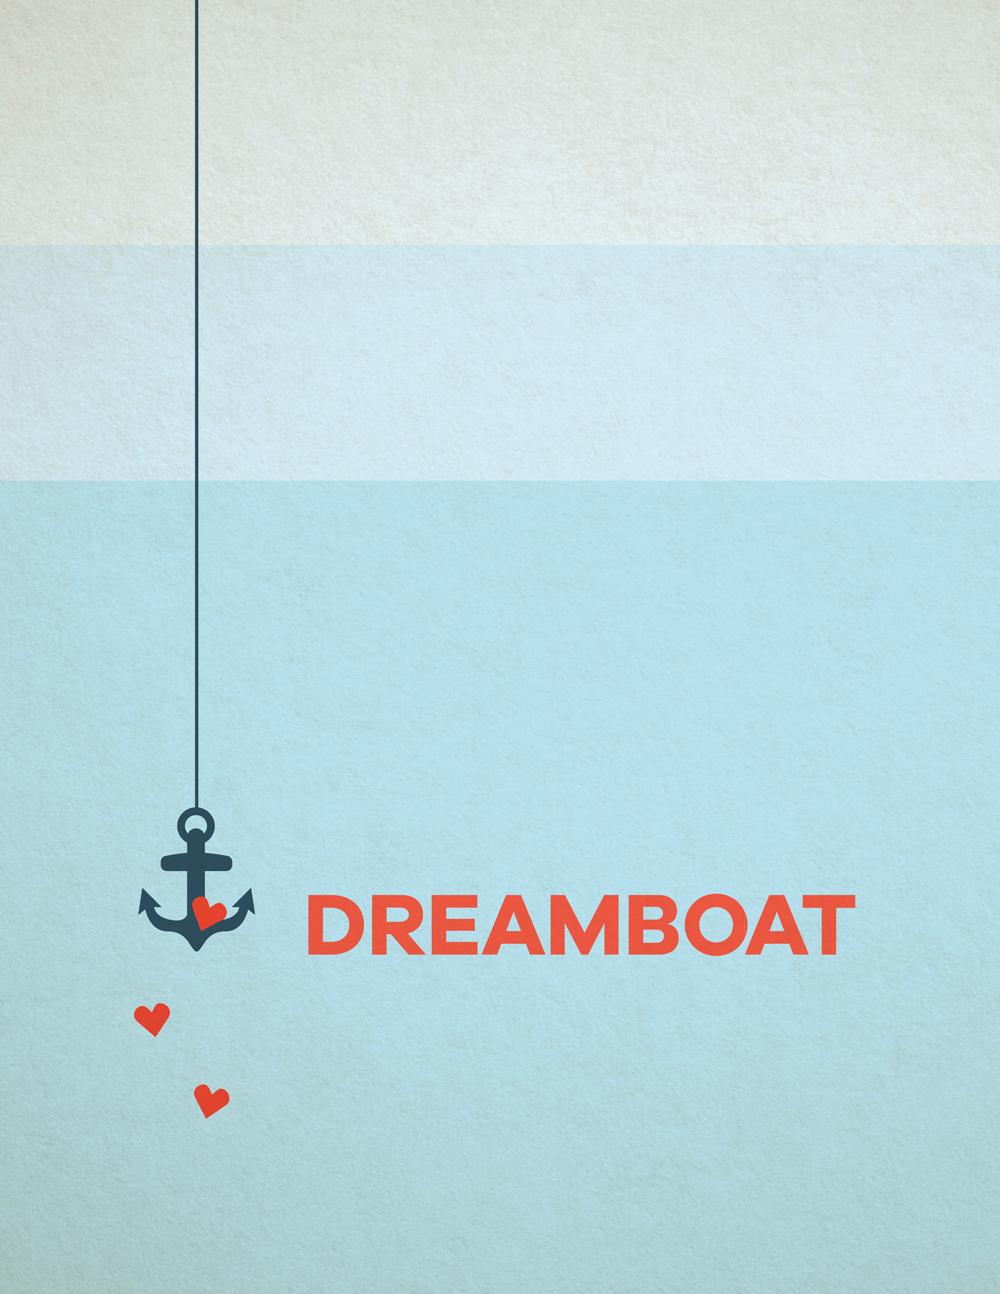 Dreamboat_Sellsheet_CoverOnly.jpg